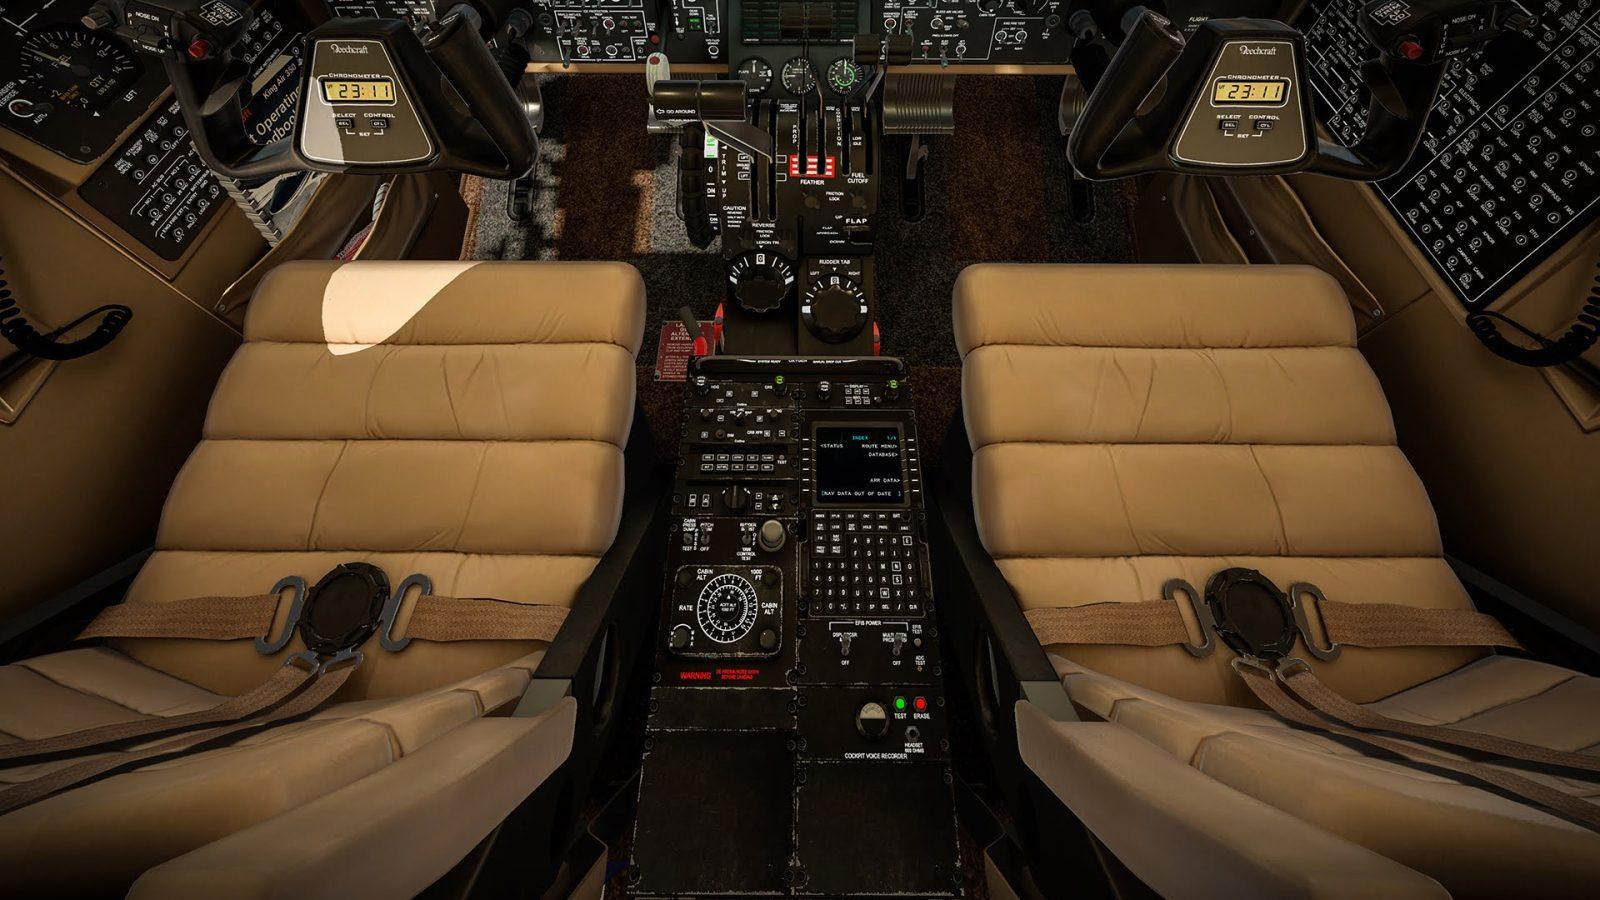 airfoillabs-king-air-350-13-1600x900.jpg